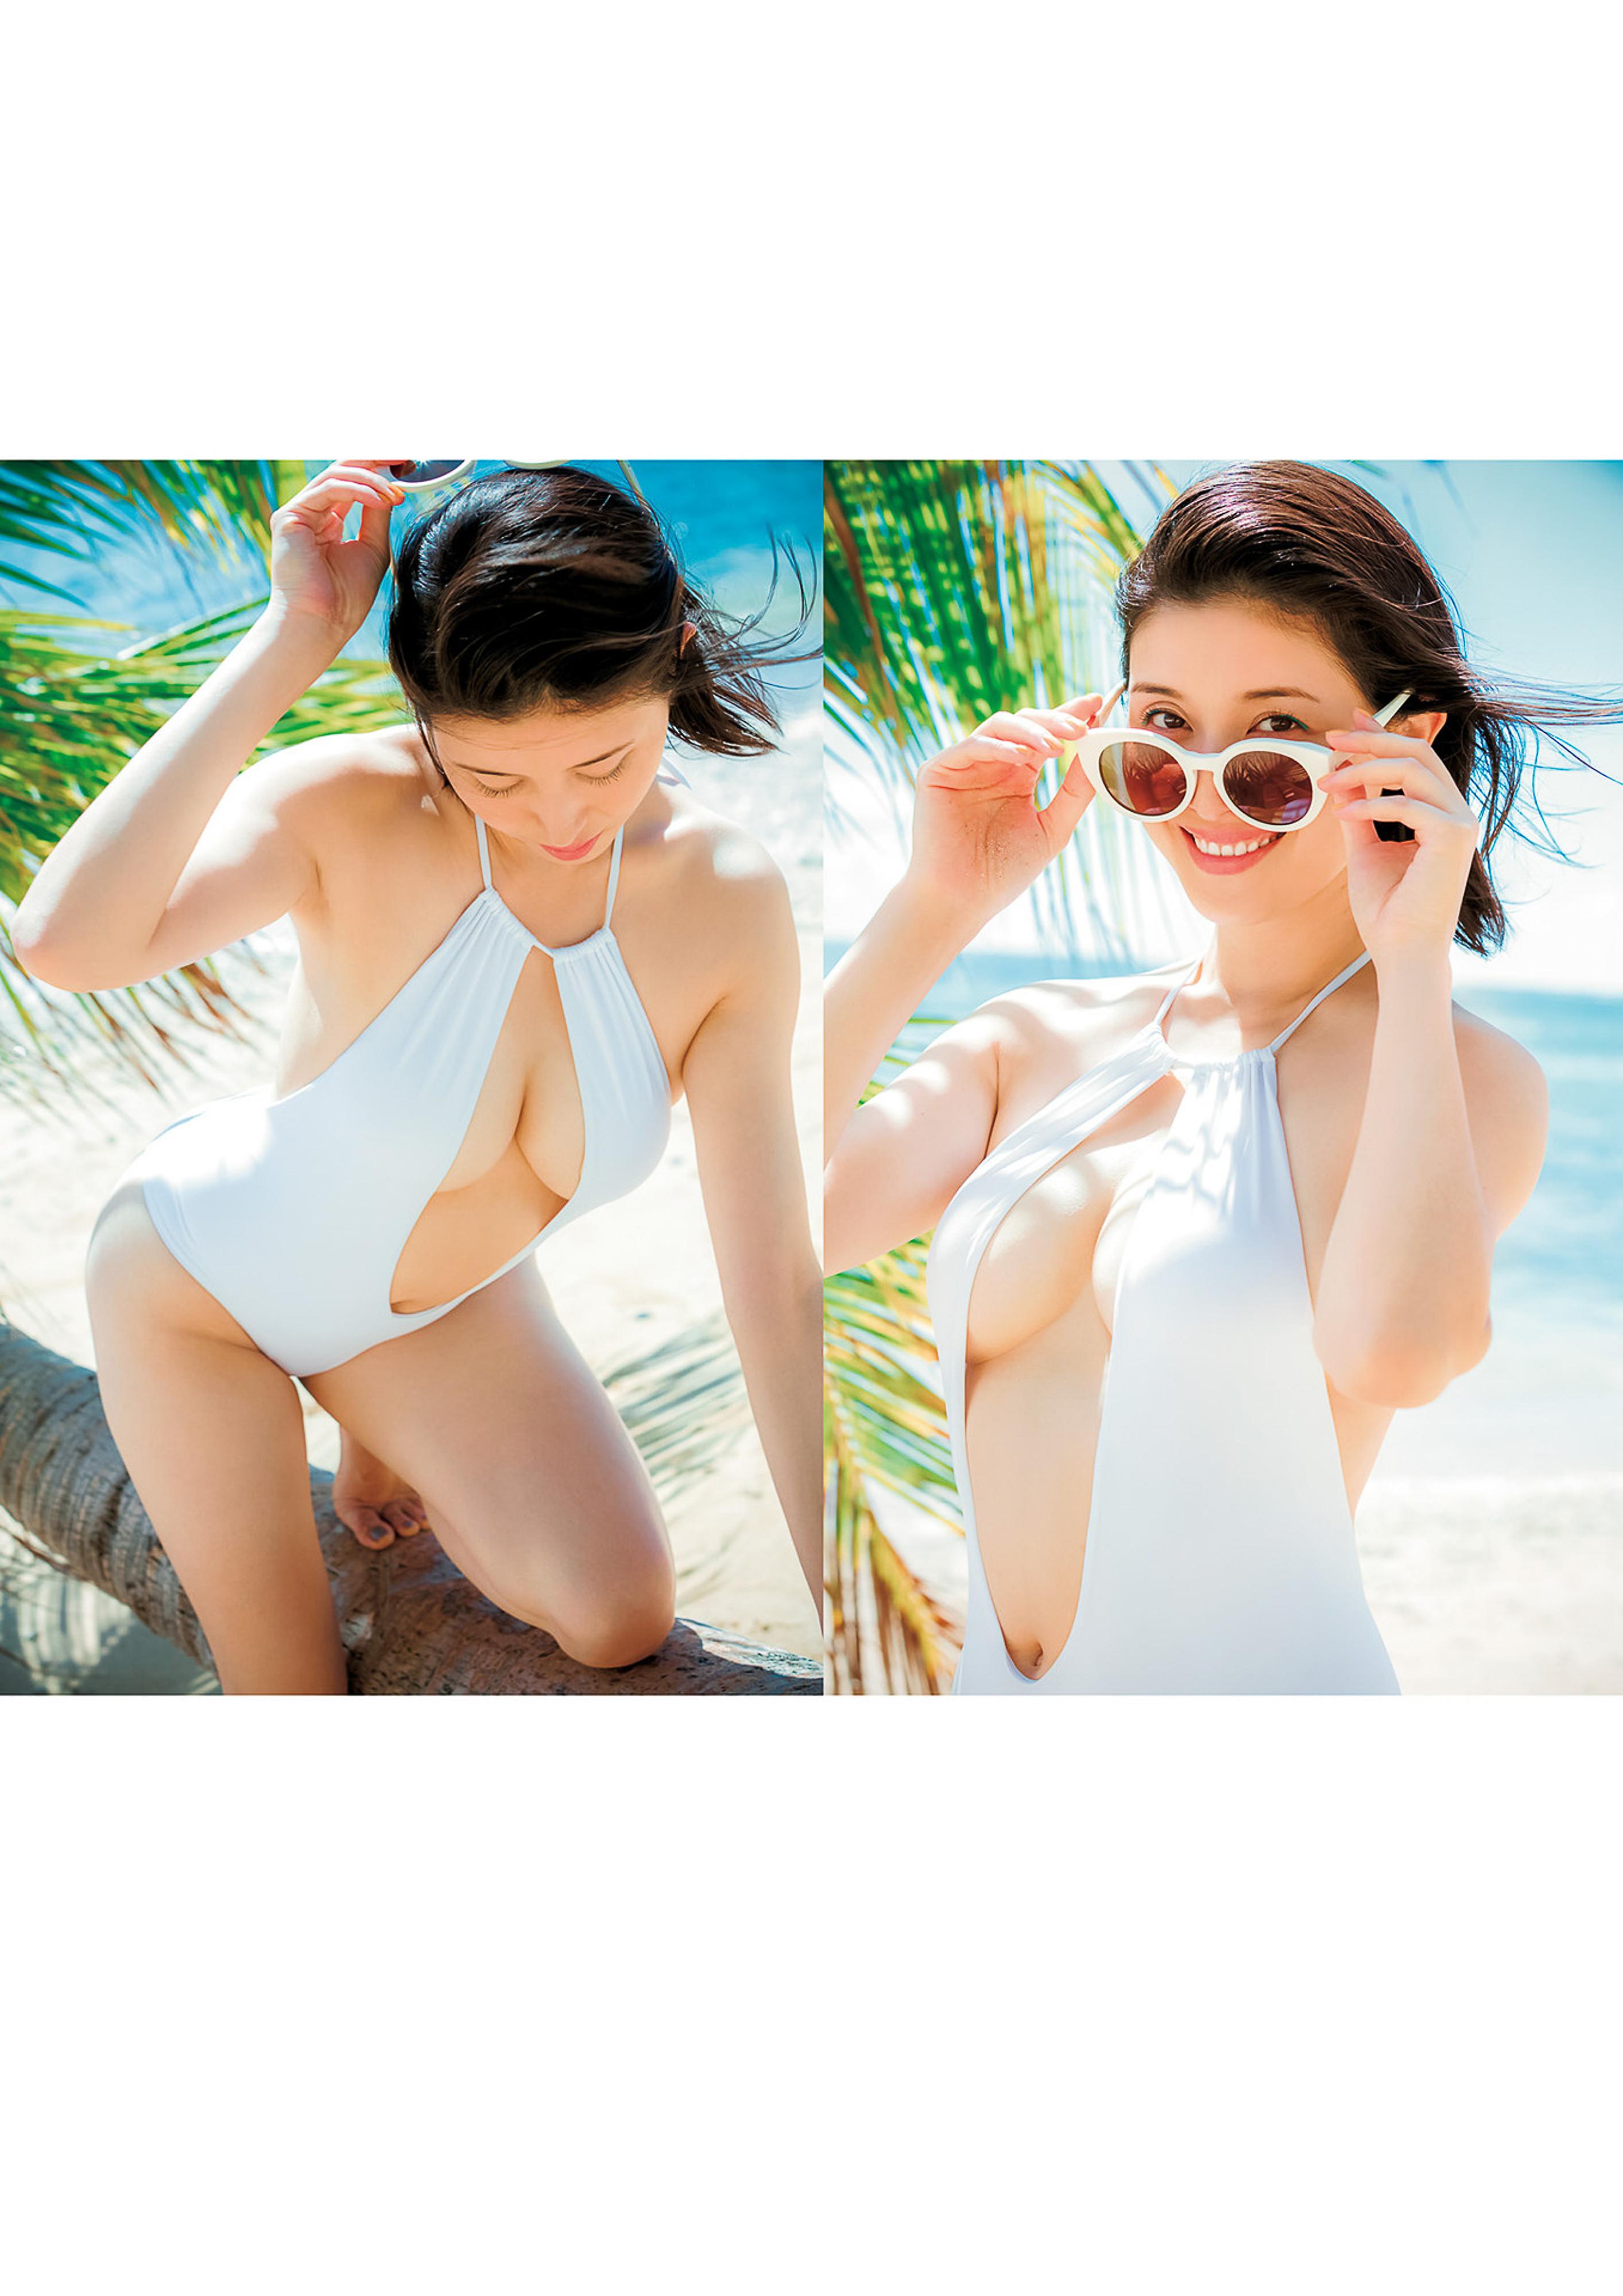 Hashimoto-Manami-db-hugging-in-Hawaii-011